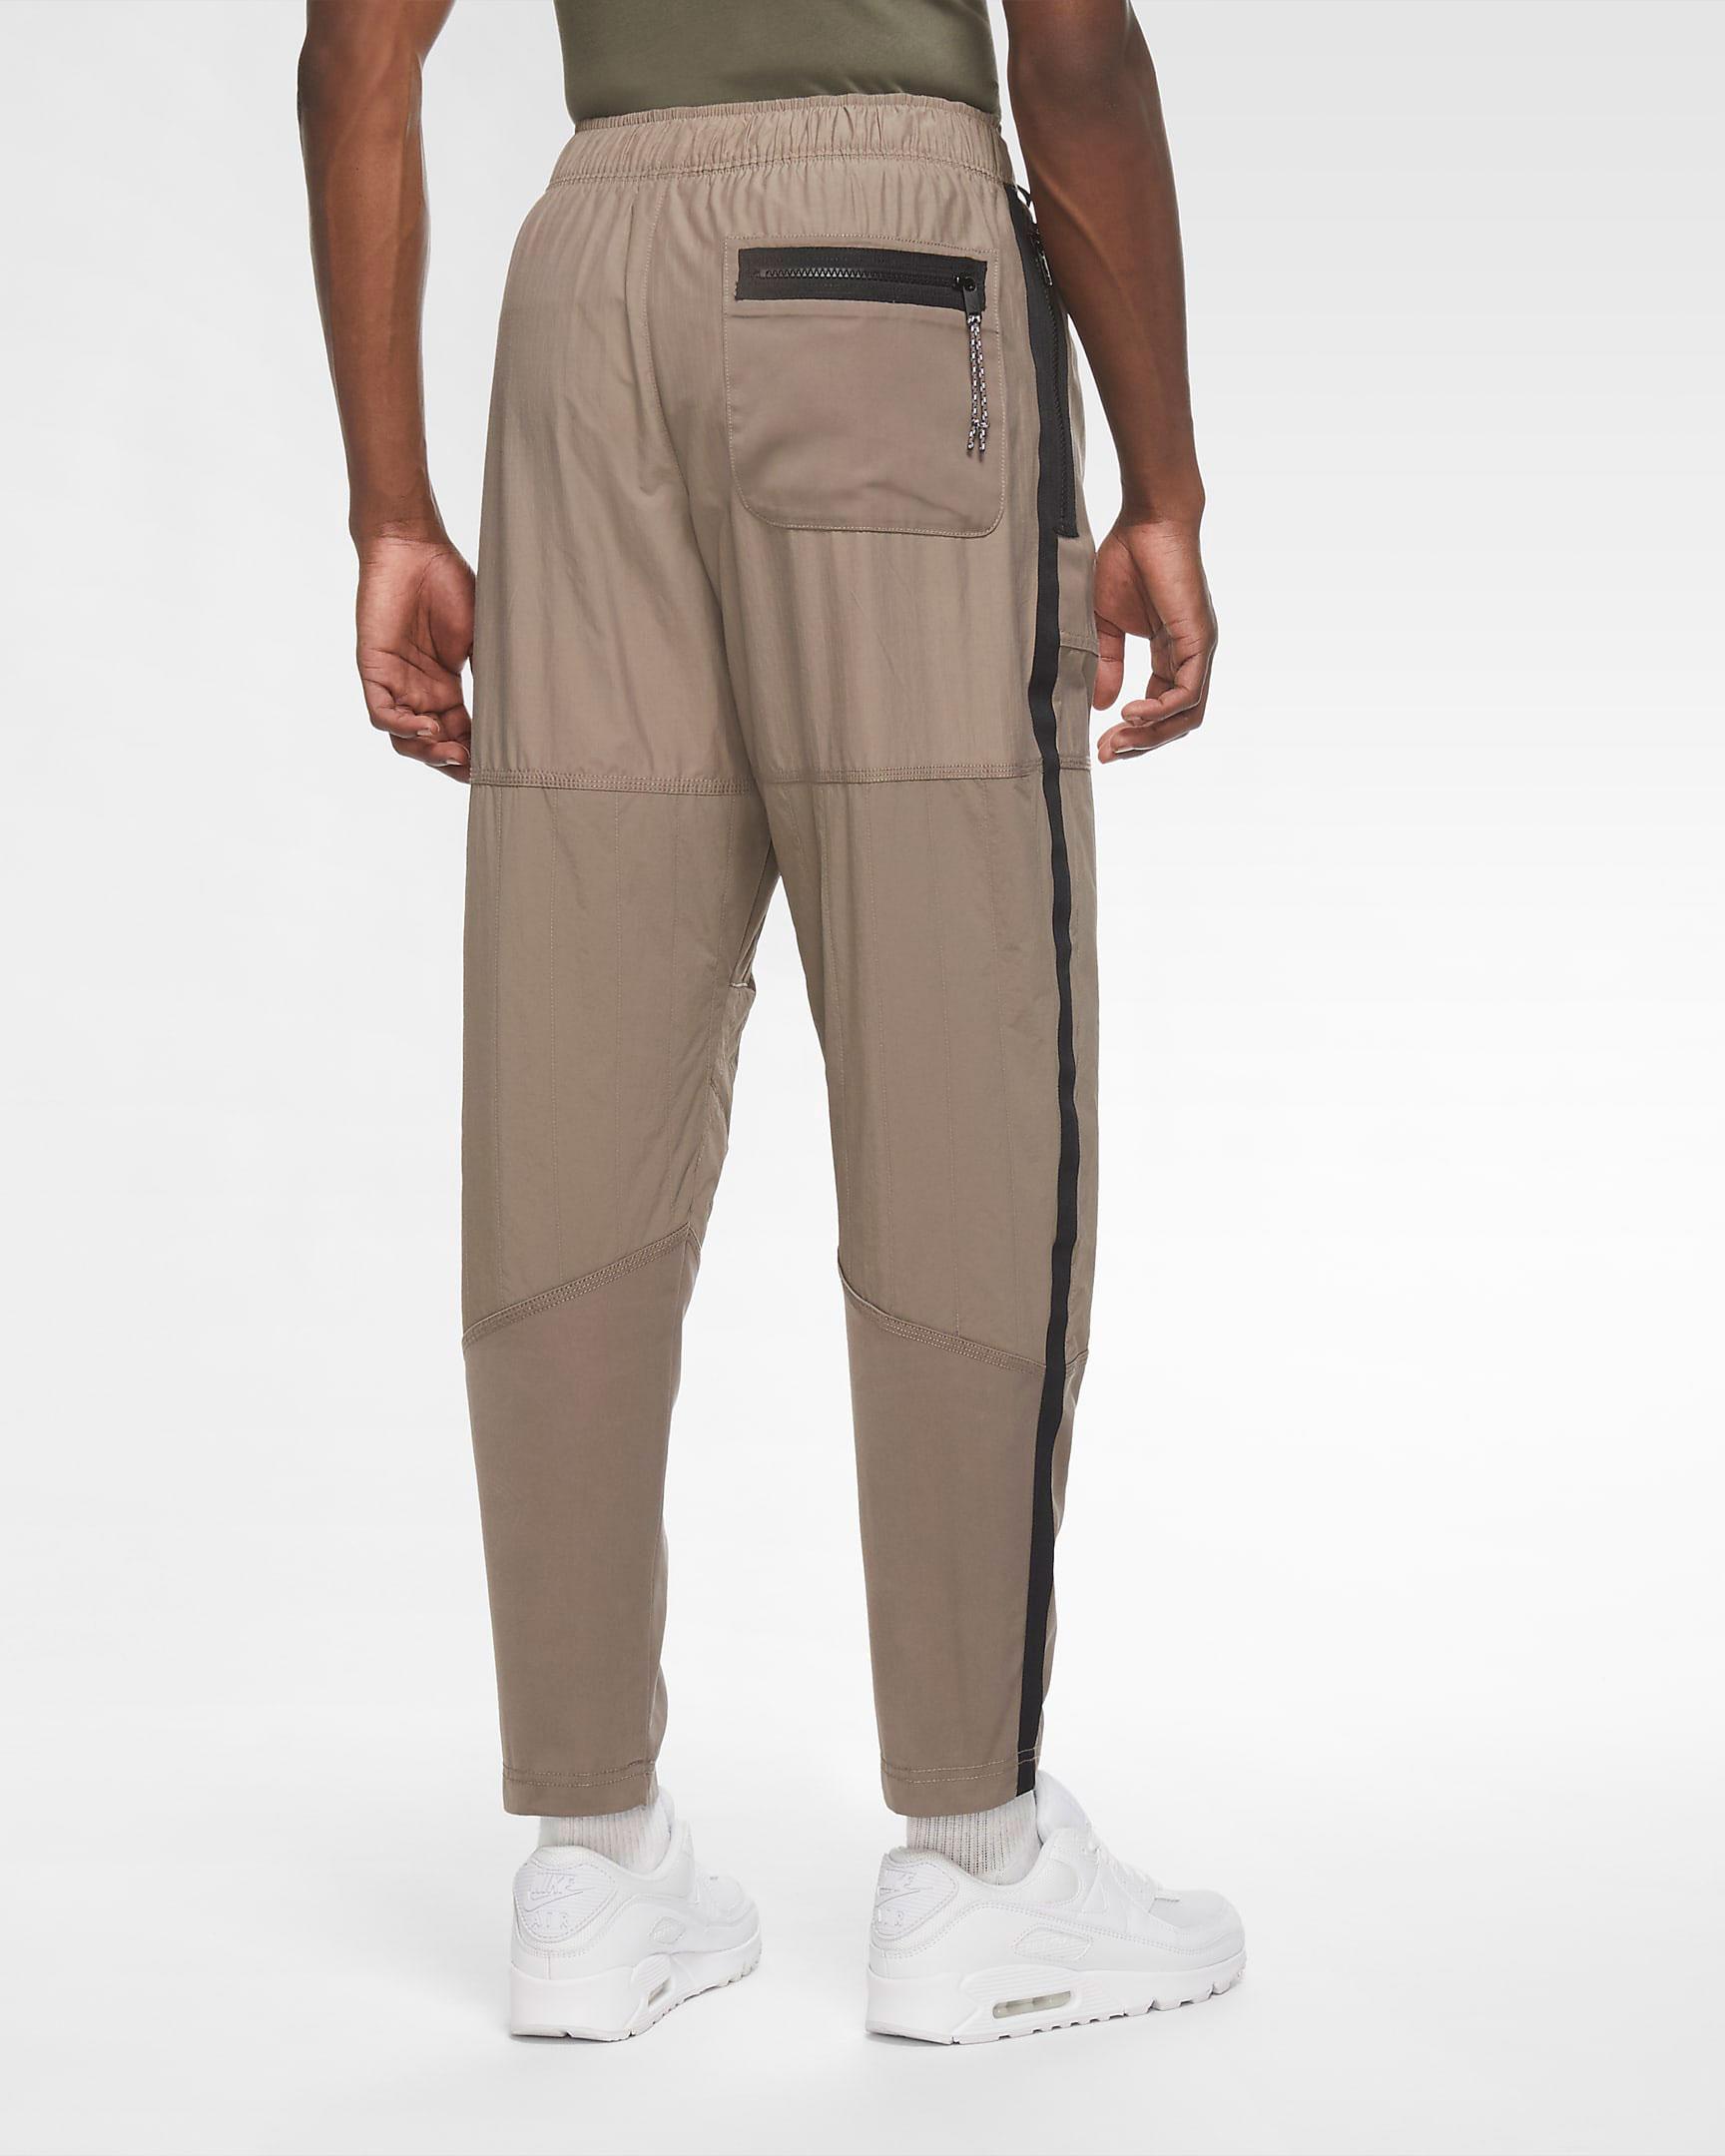 nike-sportswear-woven-pants-olive-grey-2